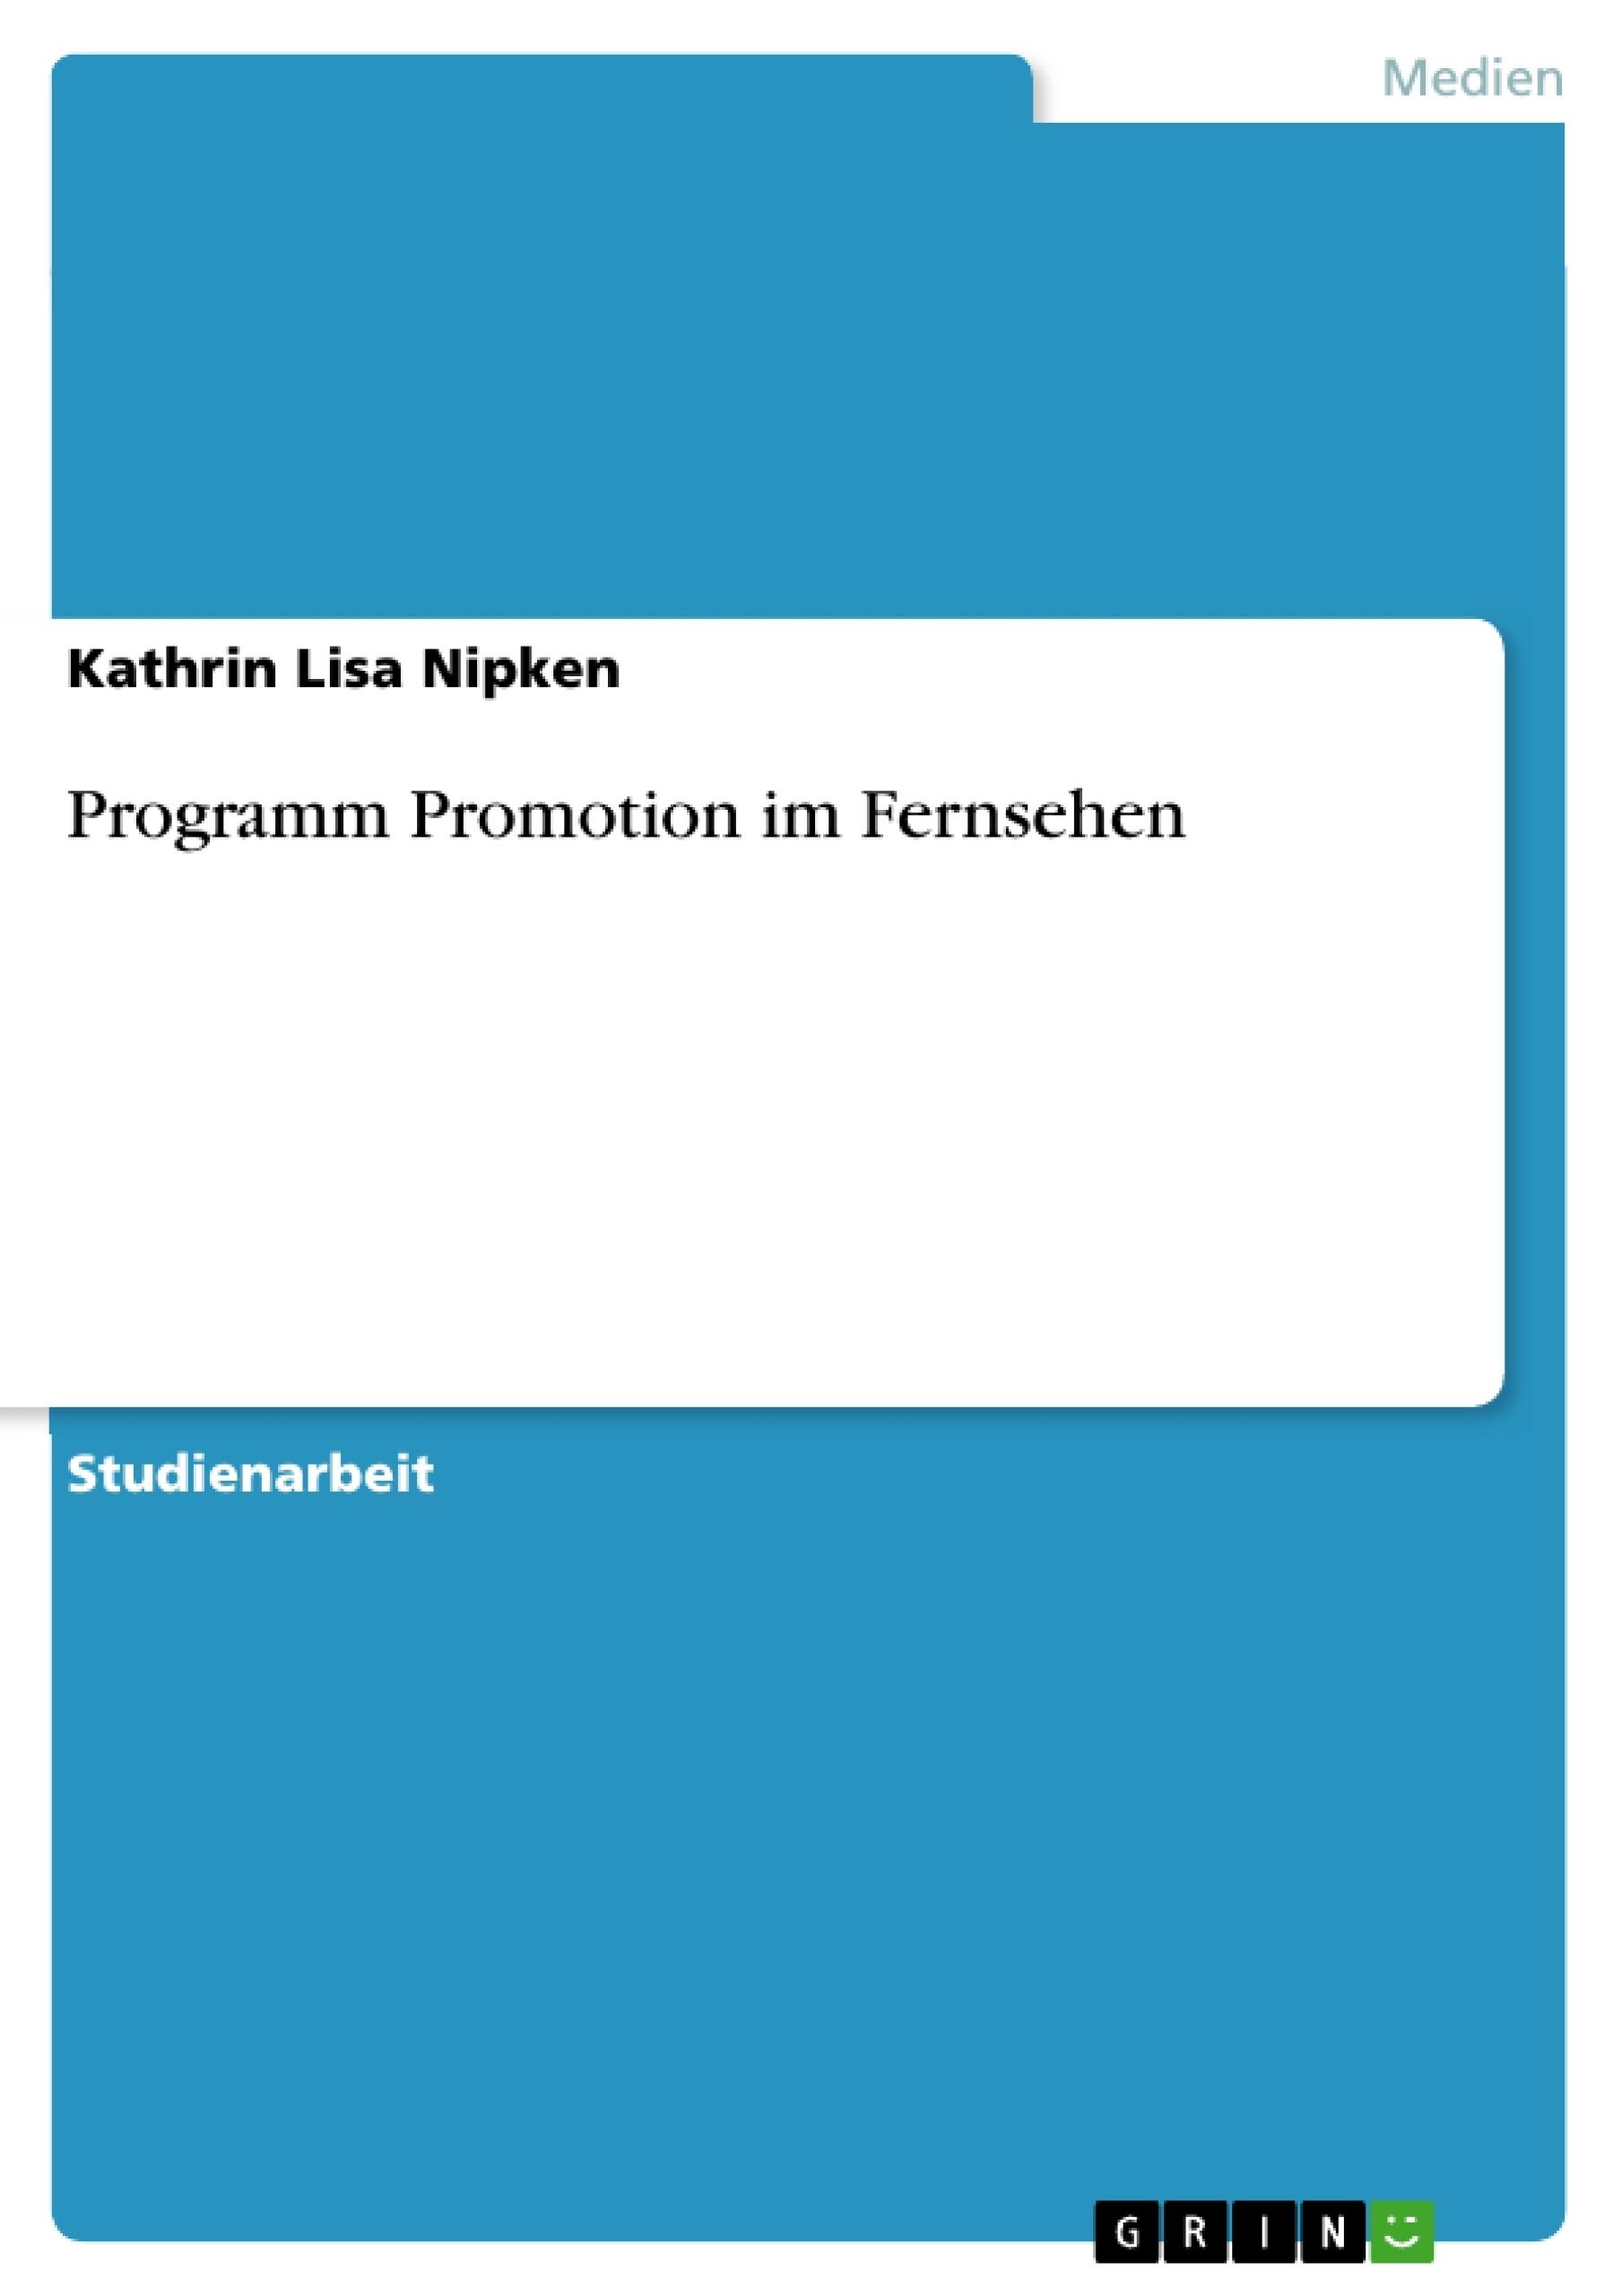 Titel: Programm Promotion im Fernsehen